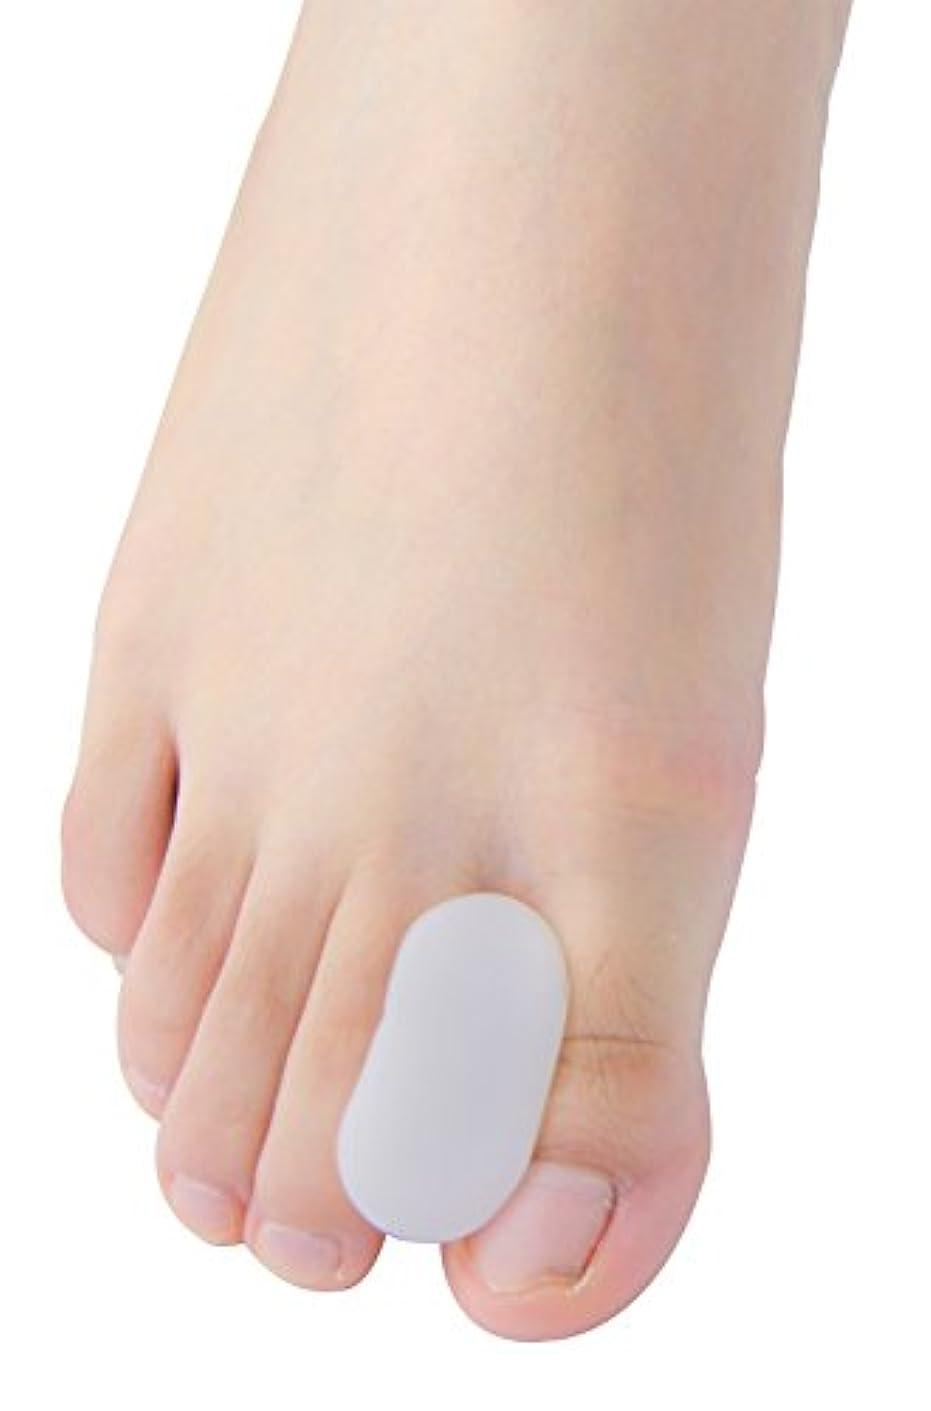 感染するミスペンドタンパク質Povihome 足指衝撃ストッパー, 足指セパレーター,外反母趾 サポーター 矯正 バニオン 5ペア,柔らかゲルでやさしくサポート(M)